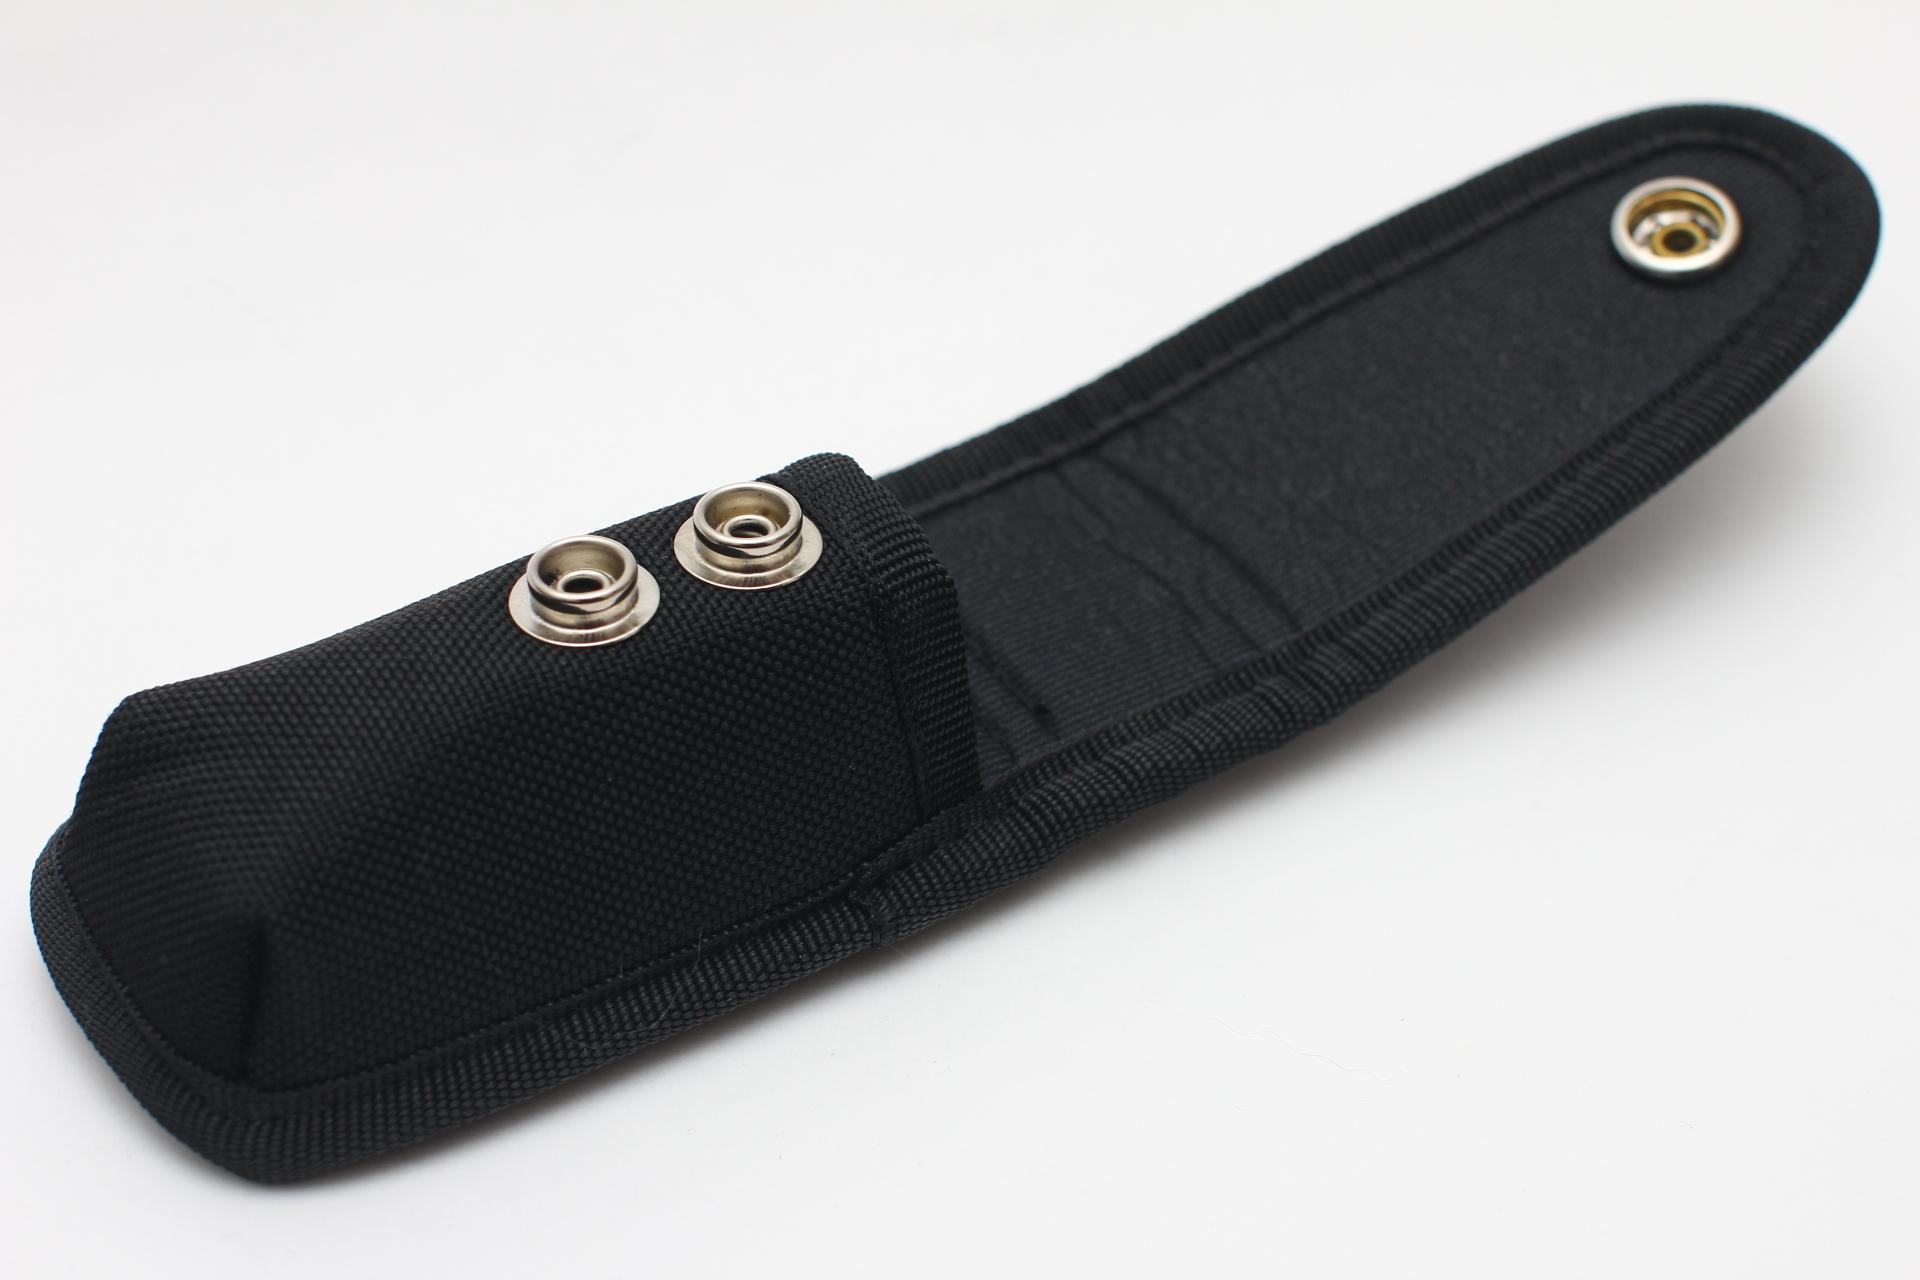 Чехол нейлоновый черный для ножа или мультитула - фотография